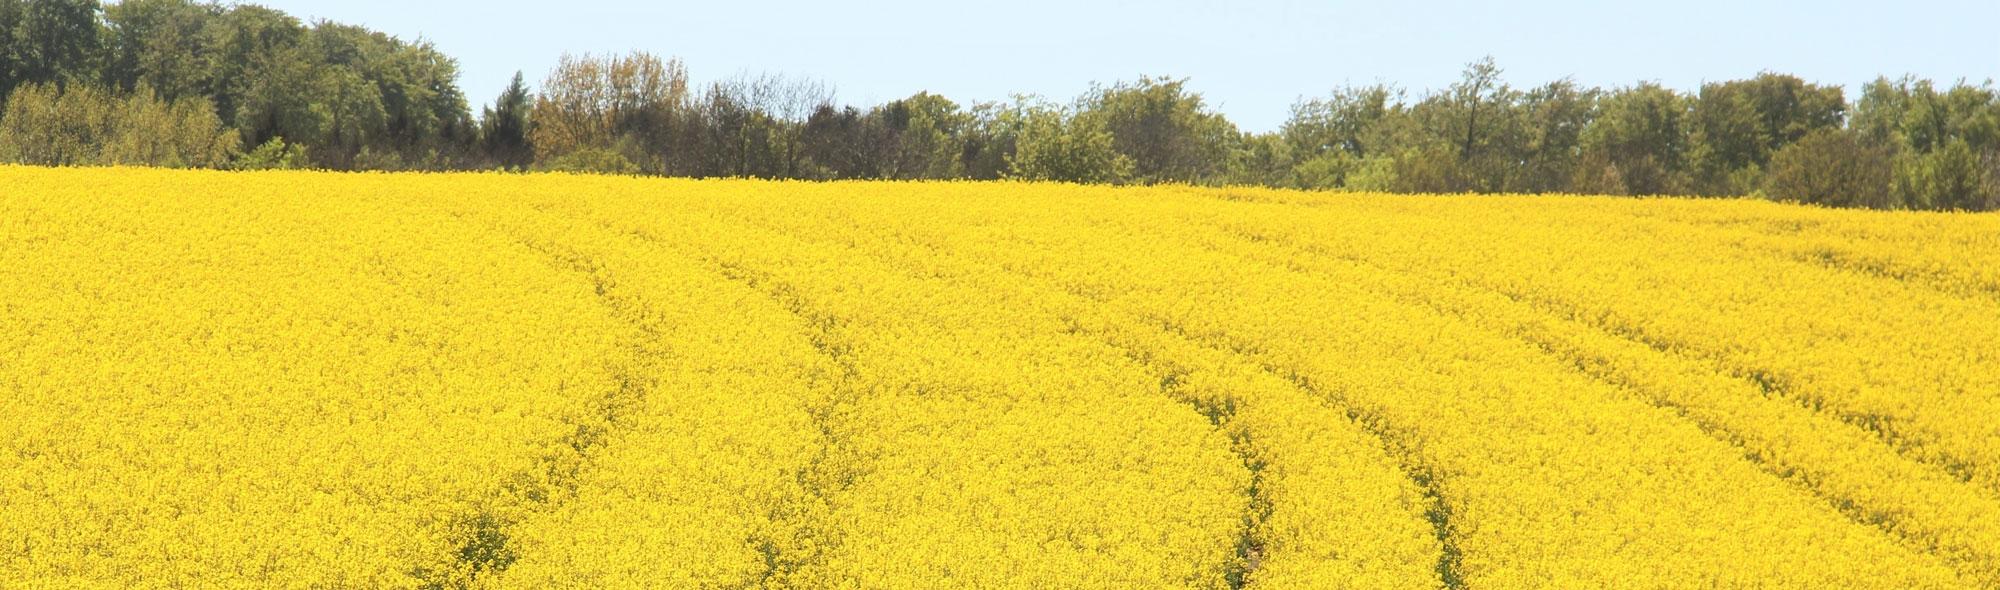 field-of-rapeseeds-1380239.jpg